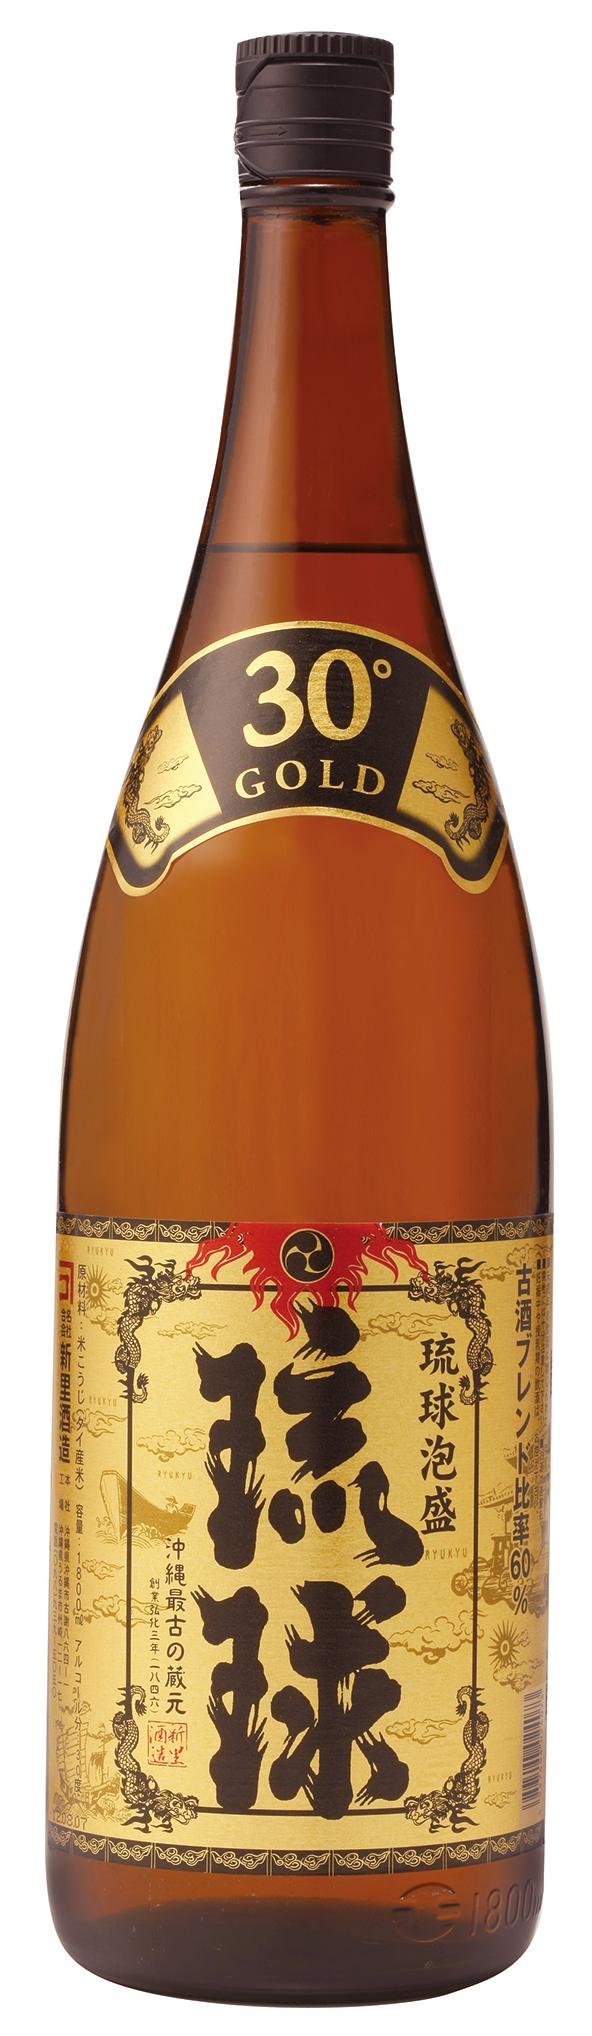 新里酒造 琉球ゴールド 30度 1800ml